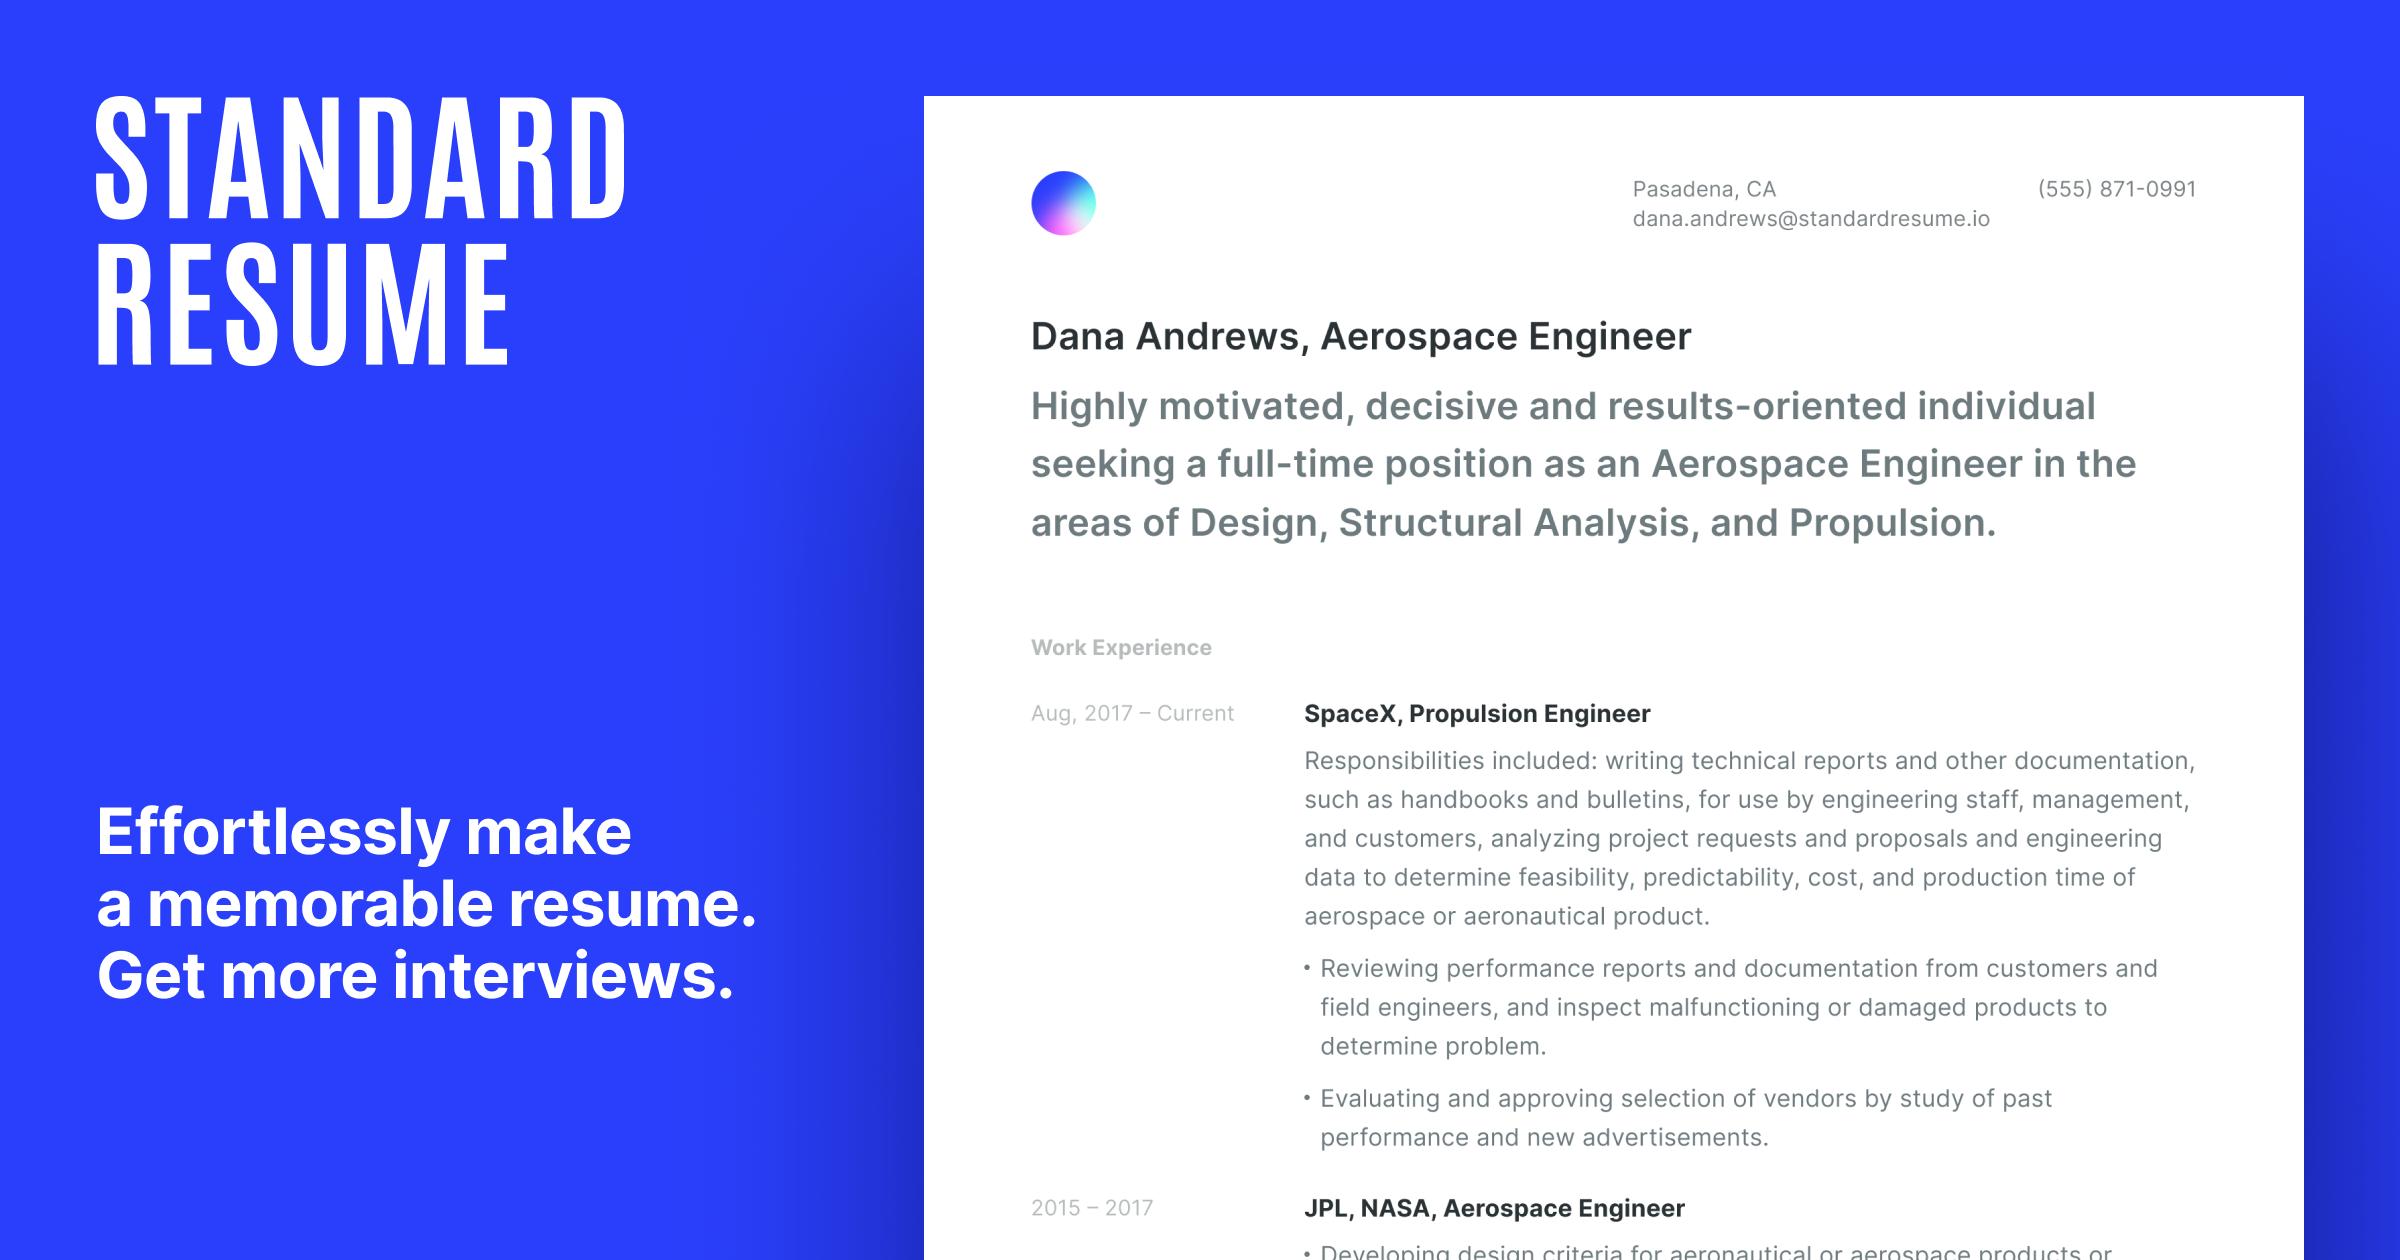 Standard Resume Effortlessly Build A Memorable Resume